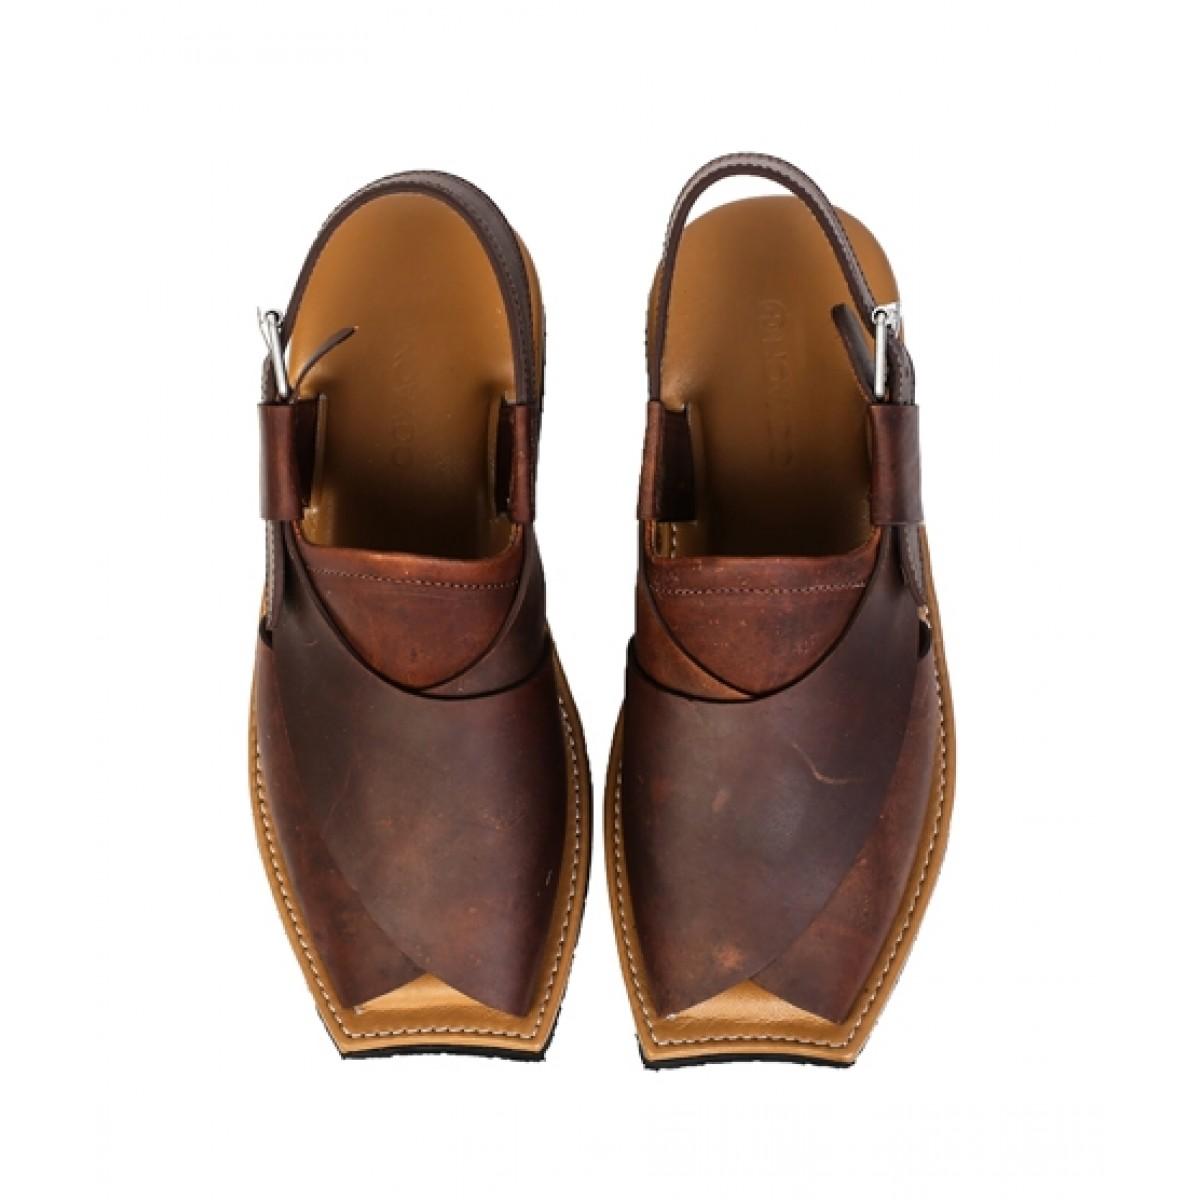 NOVADO Leather Peshawari Sandal For Men Vintage Brown (0019)